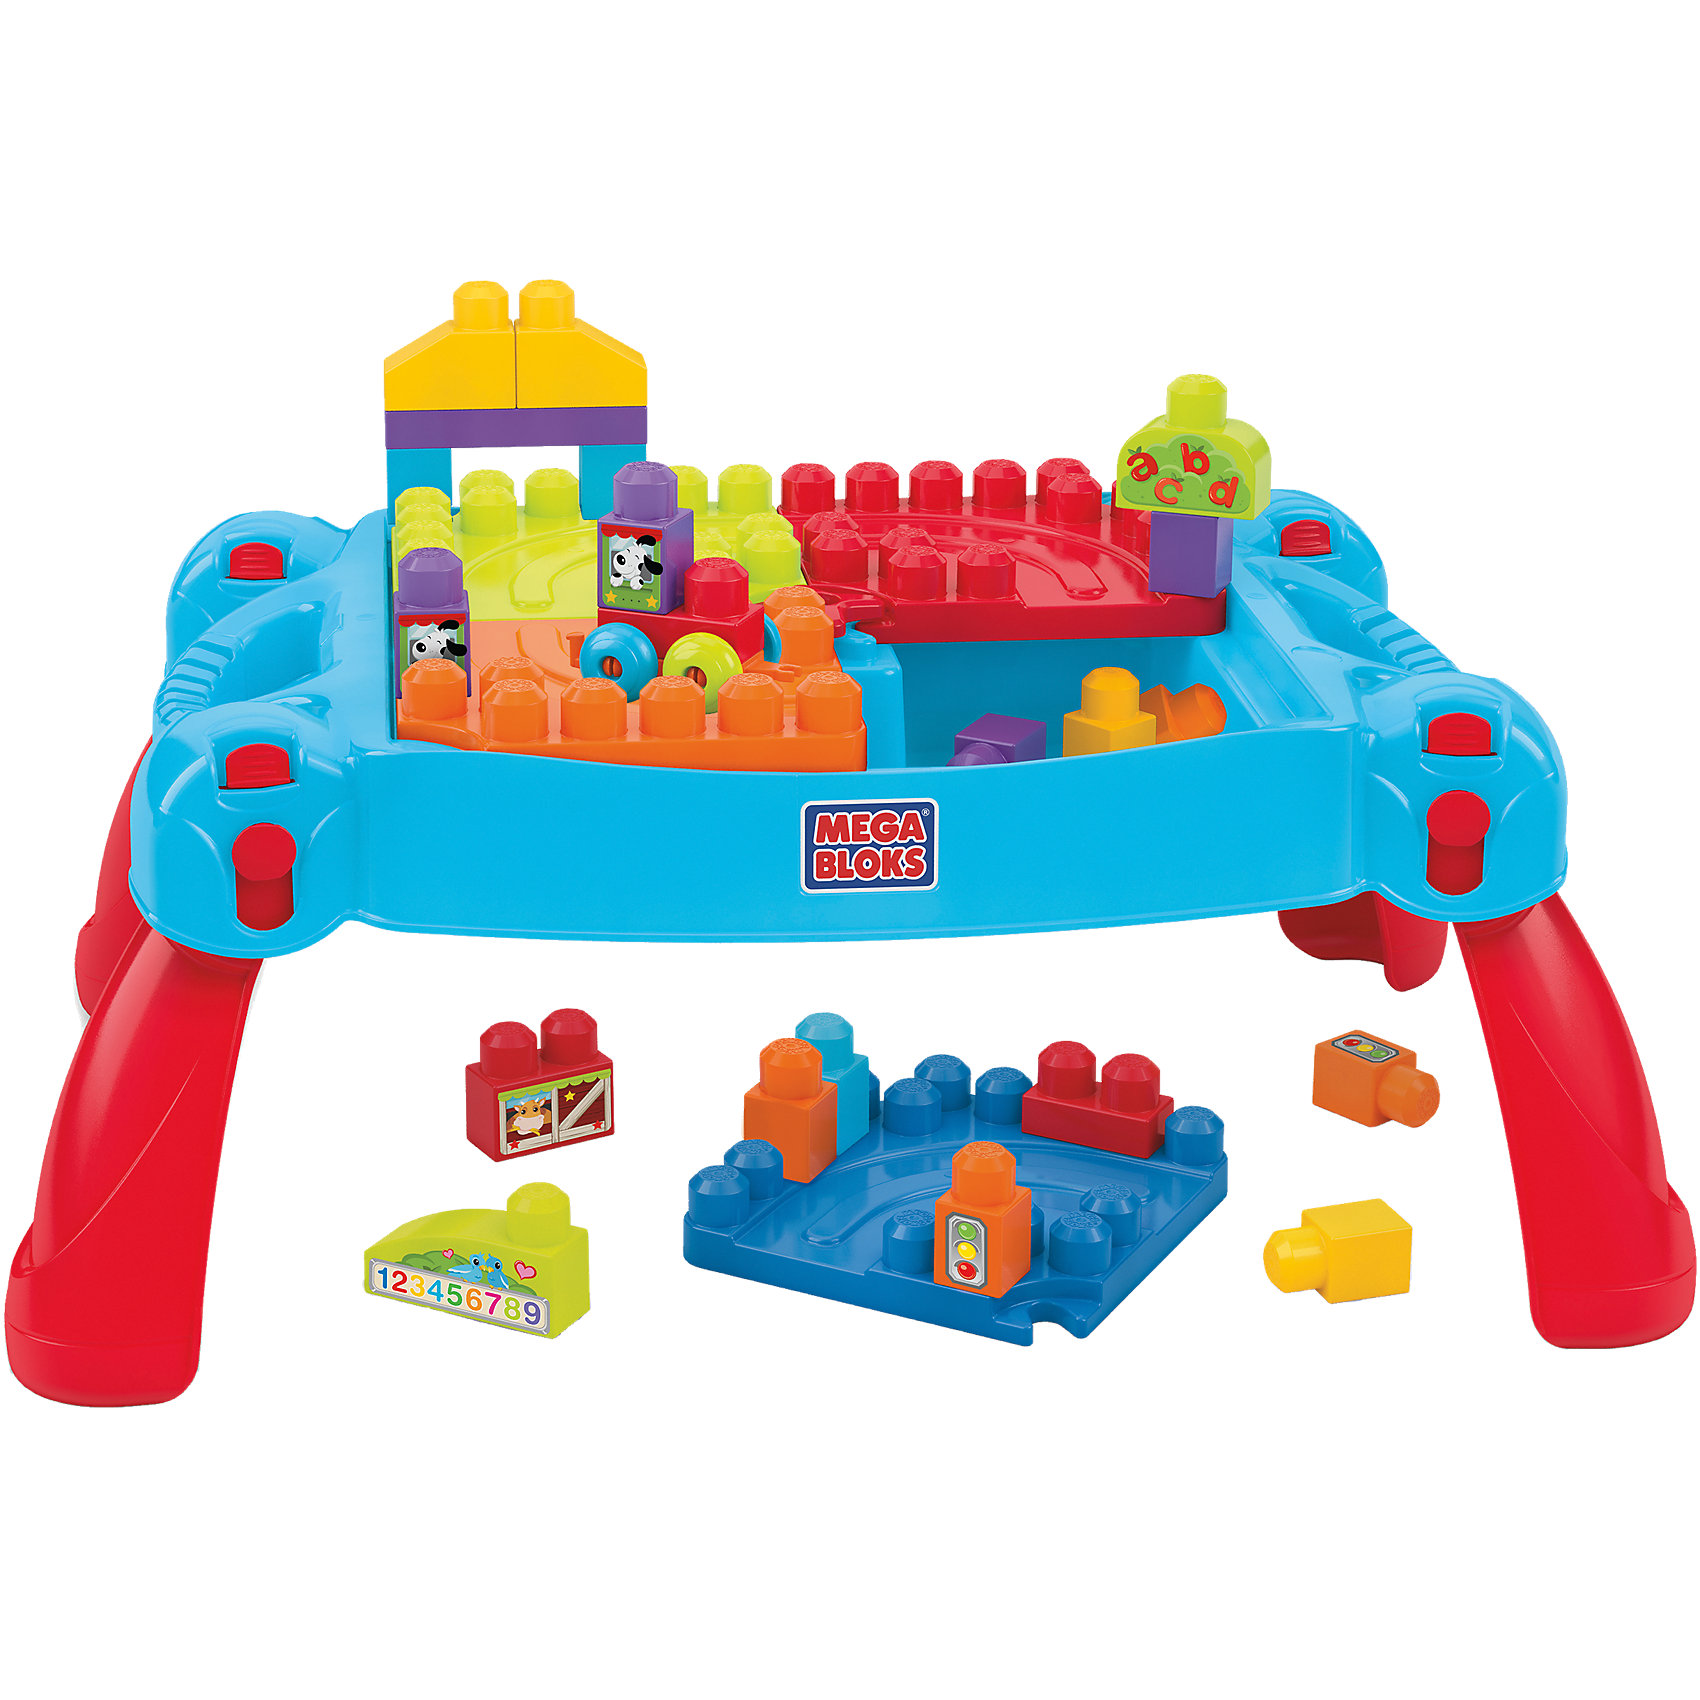 Стол для конструирования Мой первый конструктор, MEGA BLOKSСтол для конструирования Мой первый конструктор, MEGA BLOKS (Мега Блокс)<br><br>Характеристики:<br><br>• на этом столе ребенку будет удобно играть с конструктором Mega Blocks<br>• стол трансформируется в чемоданчик<br>• все детали безопасны для ребенка<br>• количество деталей: 30<br>• материал: пластик<br>• в комплекте: столик, детали конструктора<br>• размер упаковки: 40,5х61х13 см<br><br>Набор Мой первый конструктор состоит из складного столика и деталей конструктора Mega Blocks. Все детали крупного размера, поэтому они подойдут даже для малышей. Столик имеет удобную форму, позволяющую уютно расположиться во время игры. После окончания игры вы можете убрать столешницу и превратить столик в чемоданчик для хранения конструктора. Все детали изготовлены из качественного пластика и окрашены нетоксичной краской. Наклейки с изображением животных, знаков и цифр помогут расширить кругозор ребенка. Играя на этом столике, ребенок освоит навыки конструирования, что поспособствует развитию воображения и моторики рук.<br><br>Стол для конструирования Мой первый конструктор, MEGA BLOKS (Мега Блокс) можно купить в нашем интернет-магазине.<br><br>Ширина мм: 616<br>Глубина мм: 408<br>Высота мм: 144<br>Вес г: 2911<br>Возраст от месяцев: 12<br>Возраст до месяцев: 48<br>Пол: Мужской<br>Возраст: Детский<br>SKU: 4588321